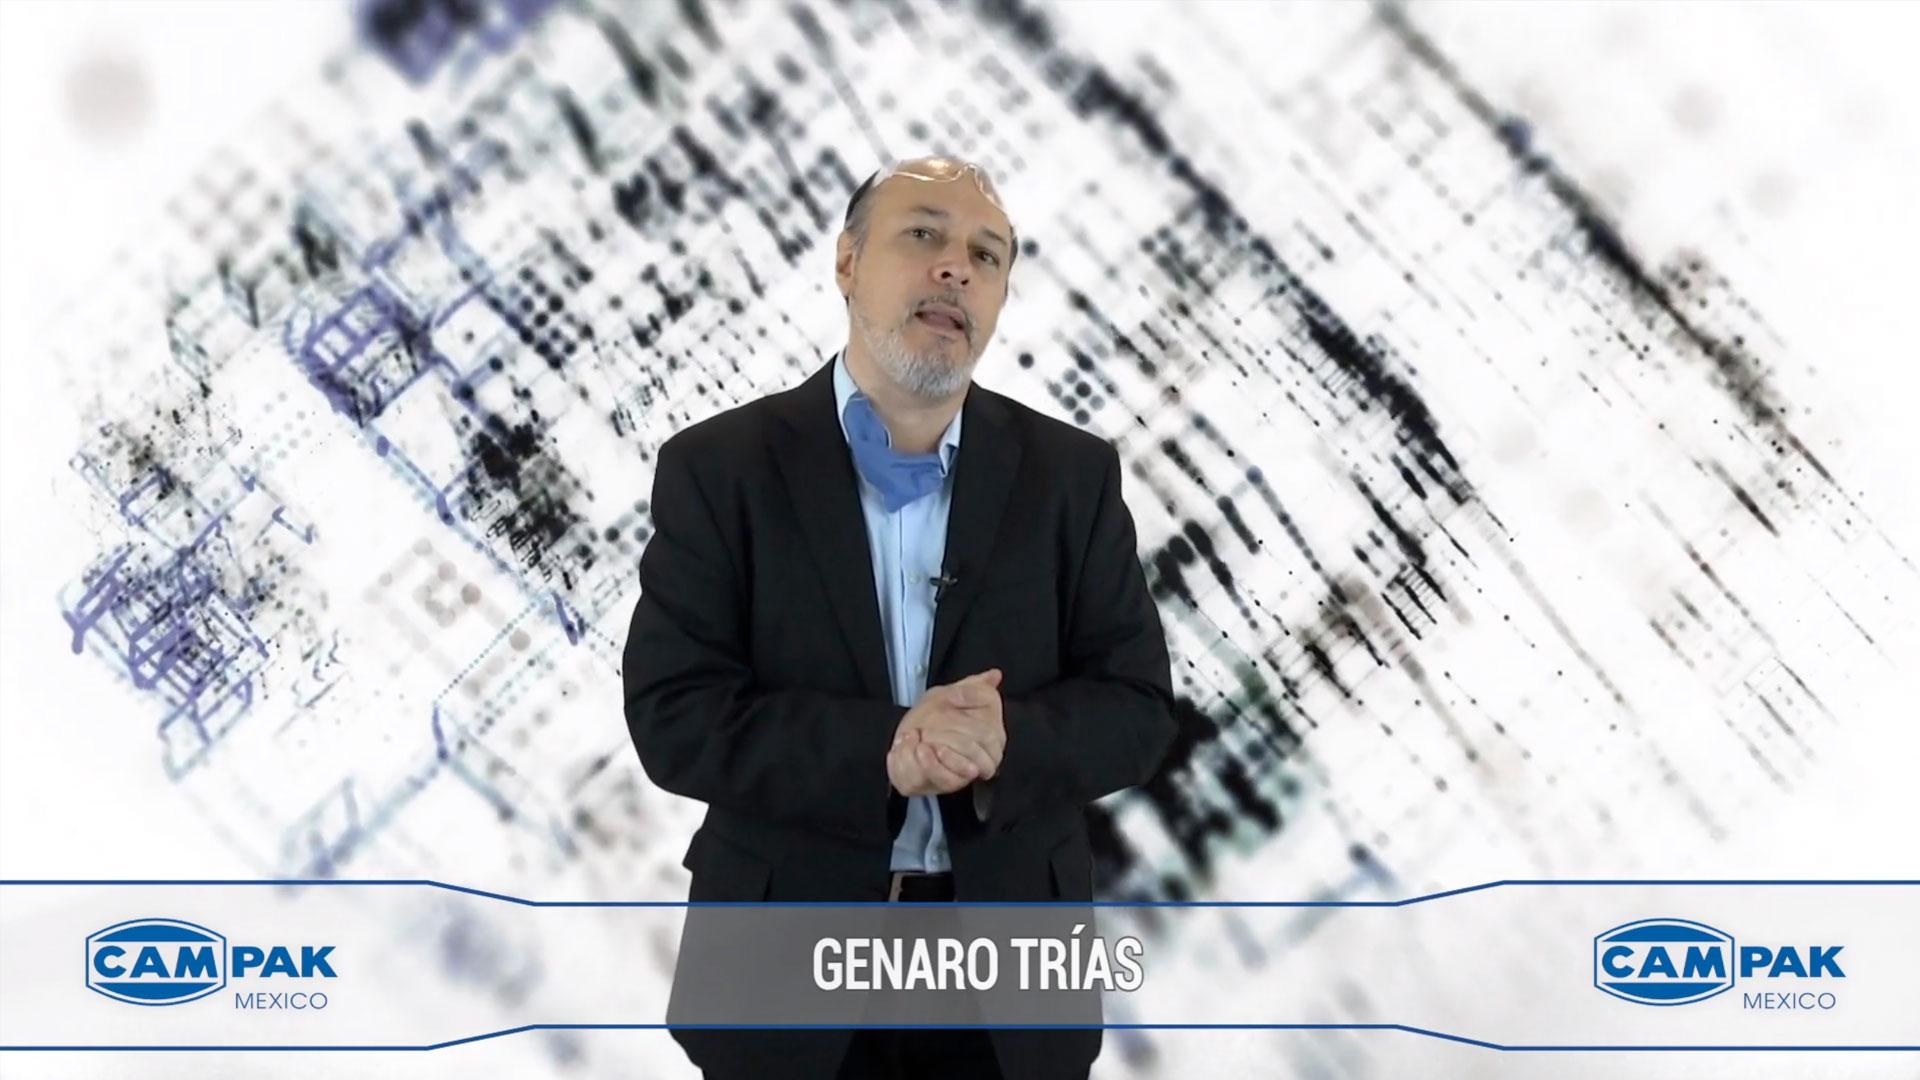 GENARO TRÍAS - Acuerdo para la nueva normalidad, implicaciones para la productividad y los trabajos de grupo